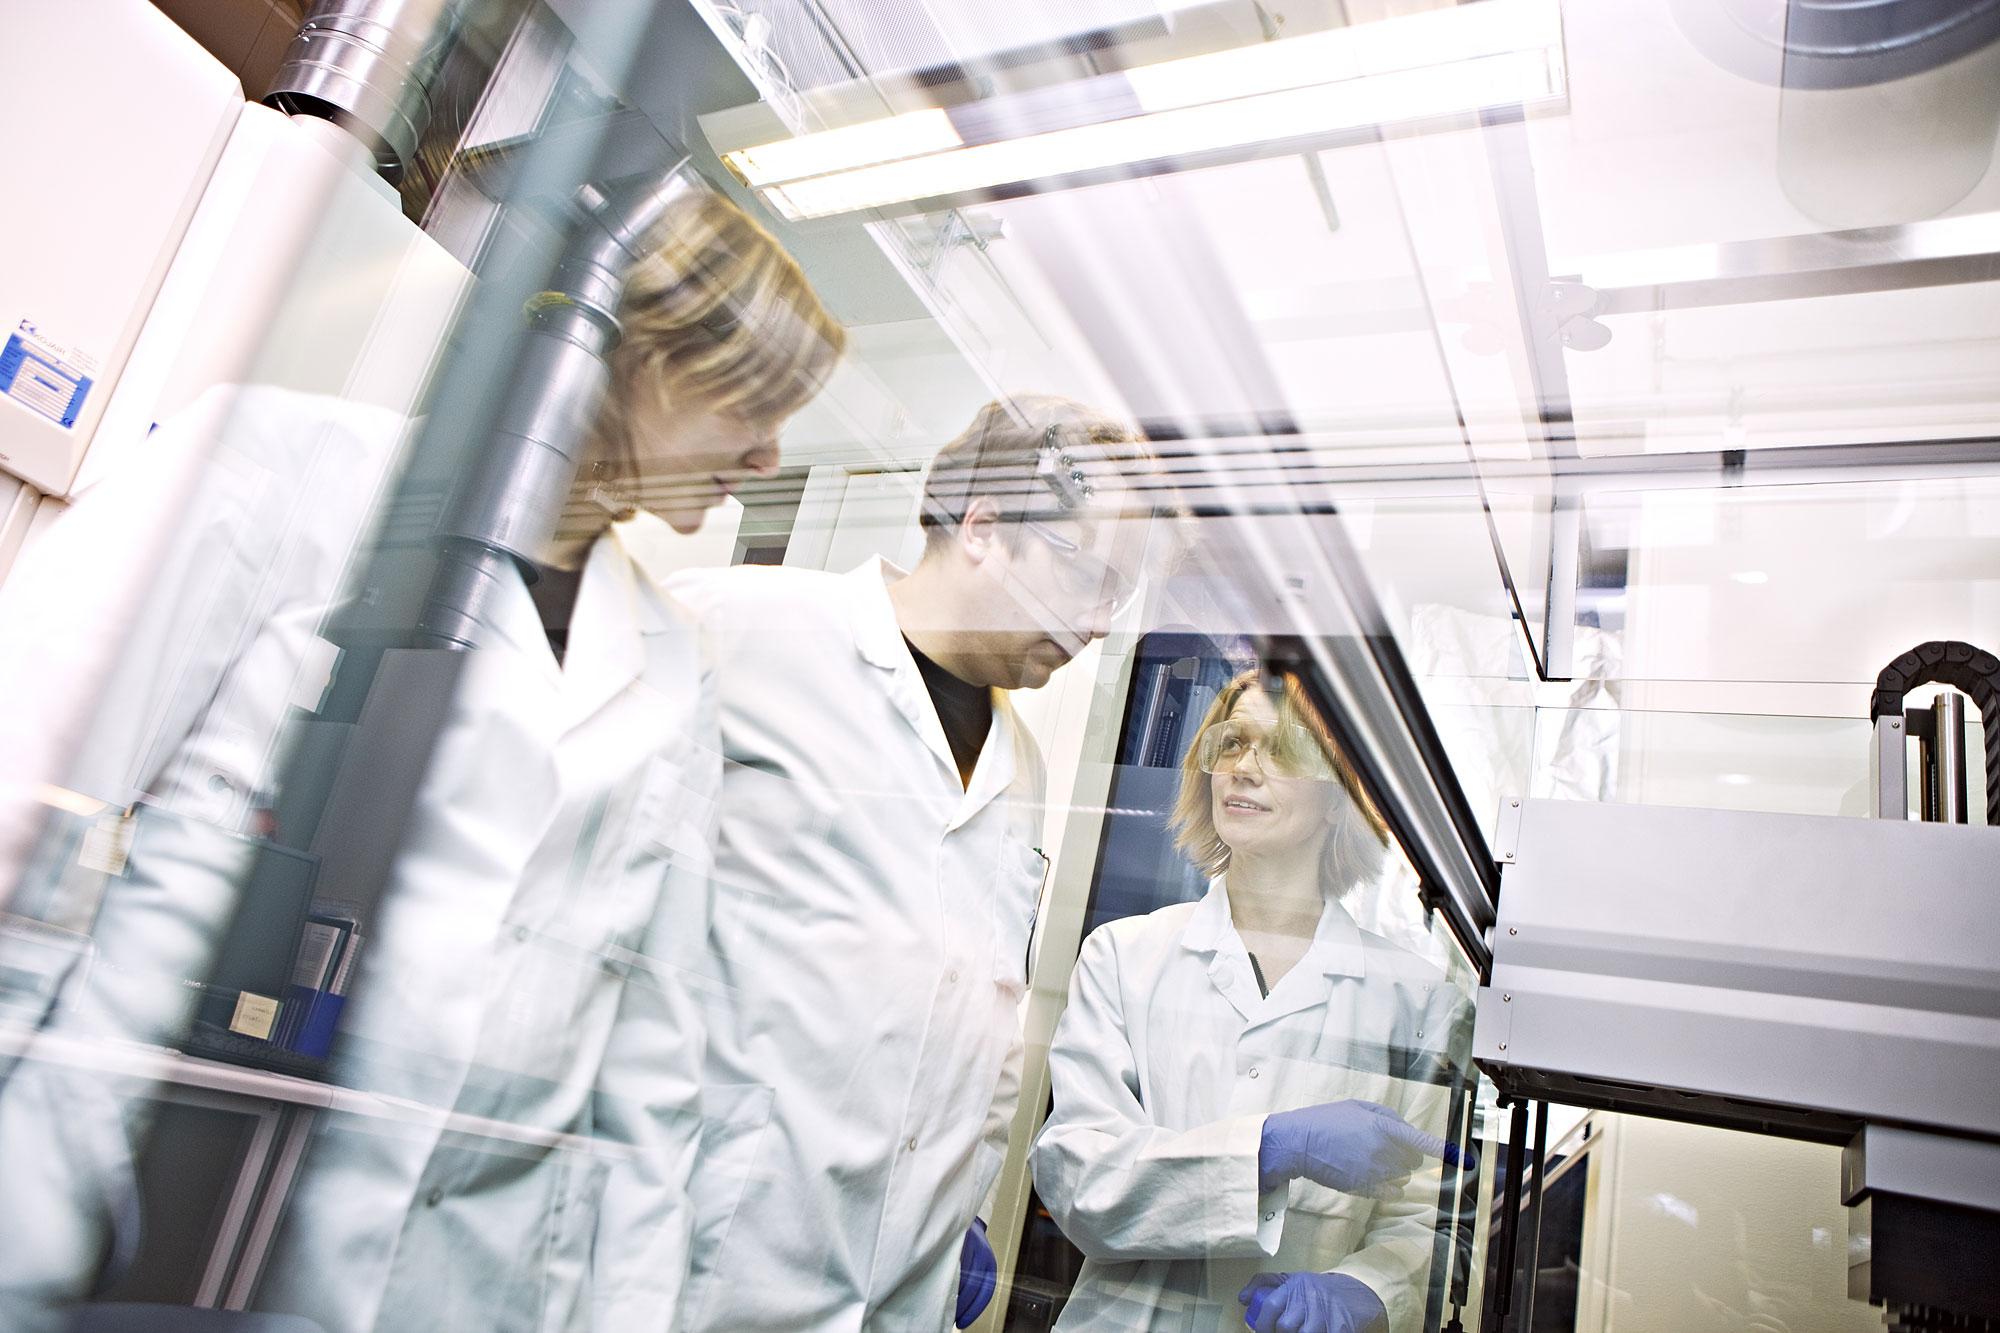 Fra lab på Det medisinske fakultet, NTNU, foto: Geir Mogen/NTNU